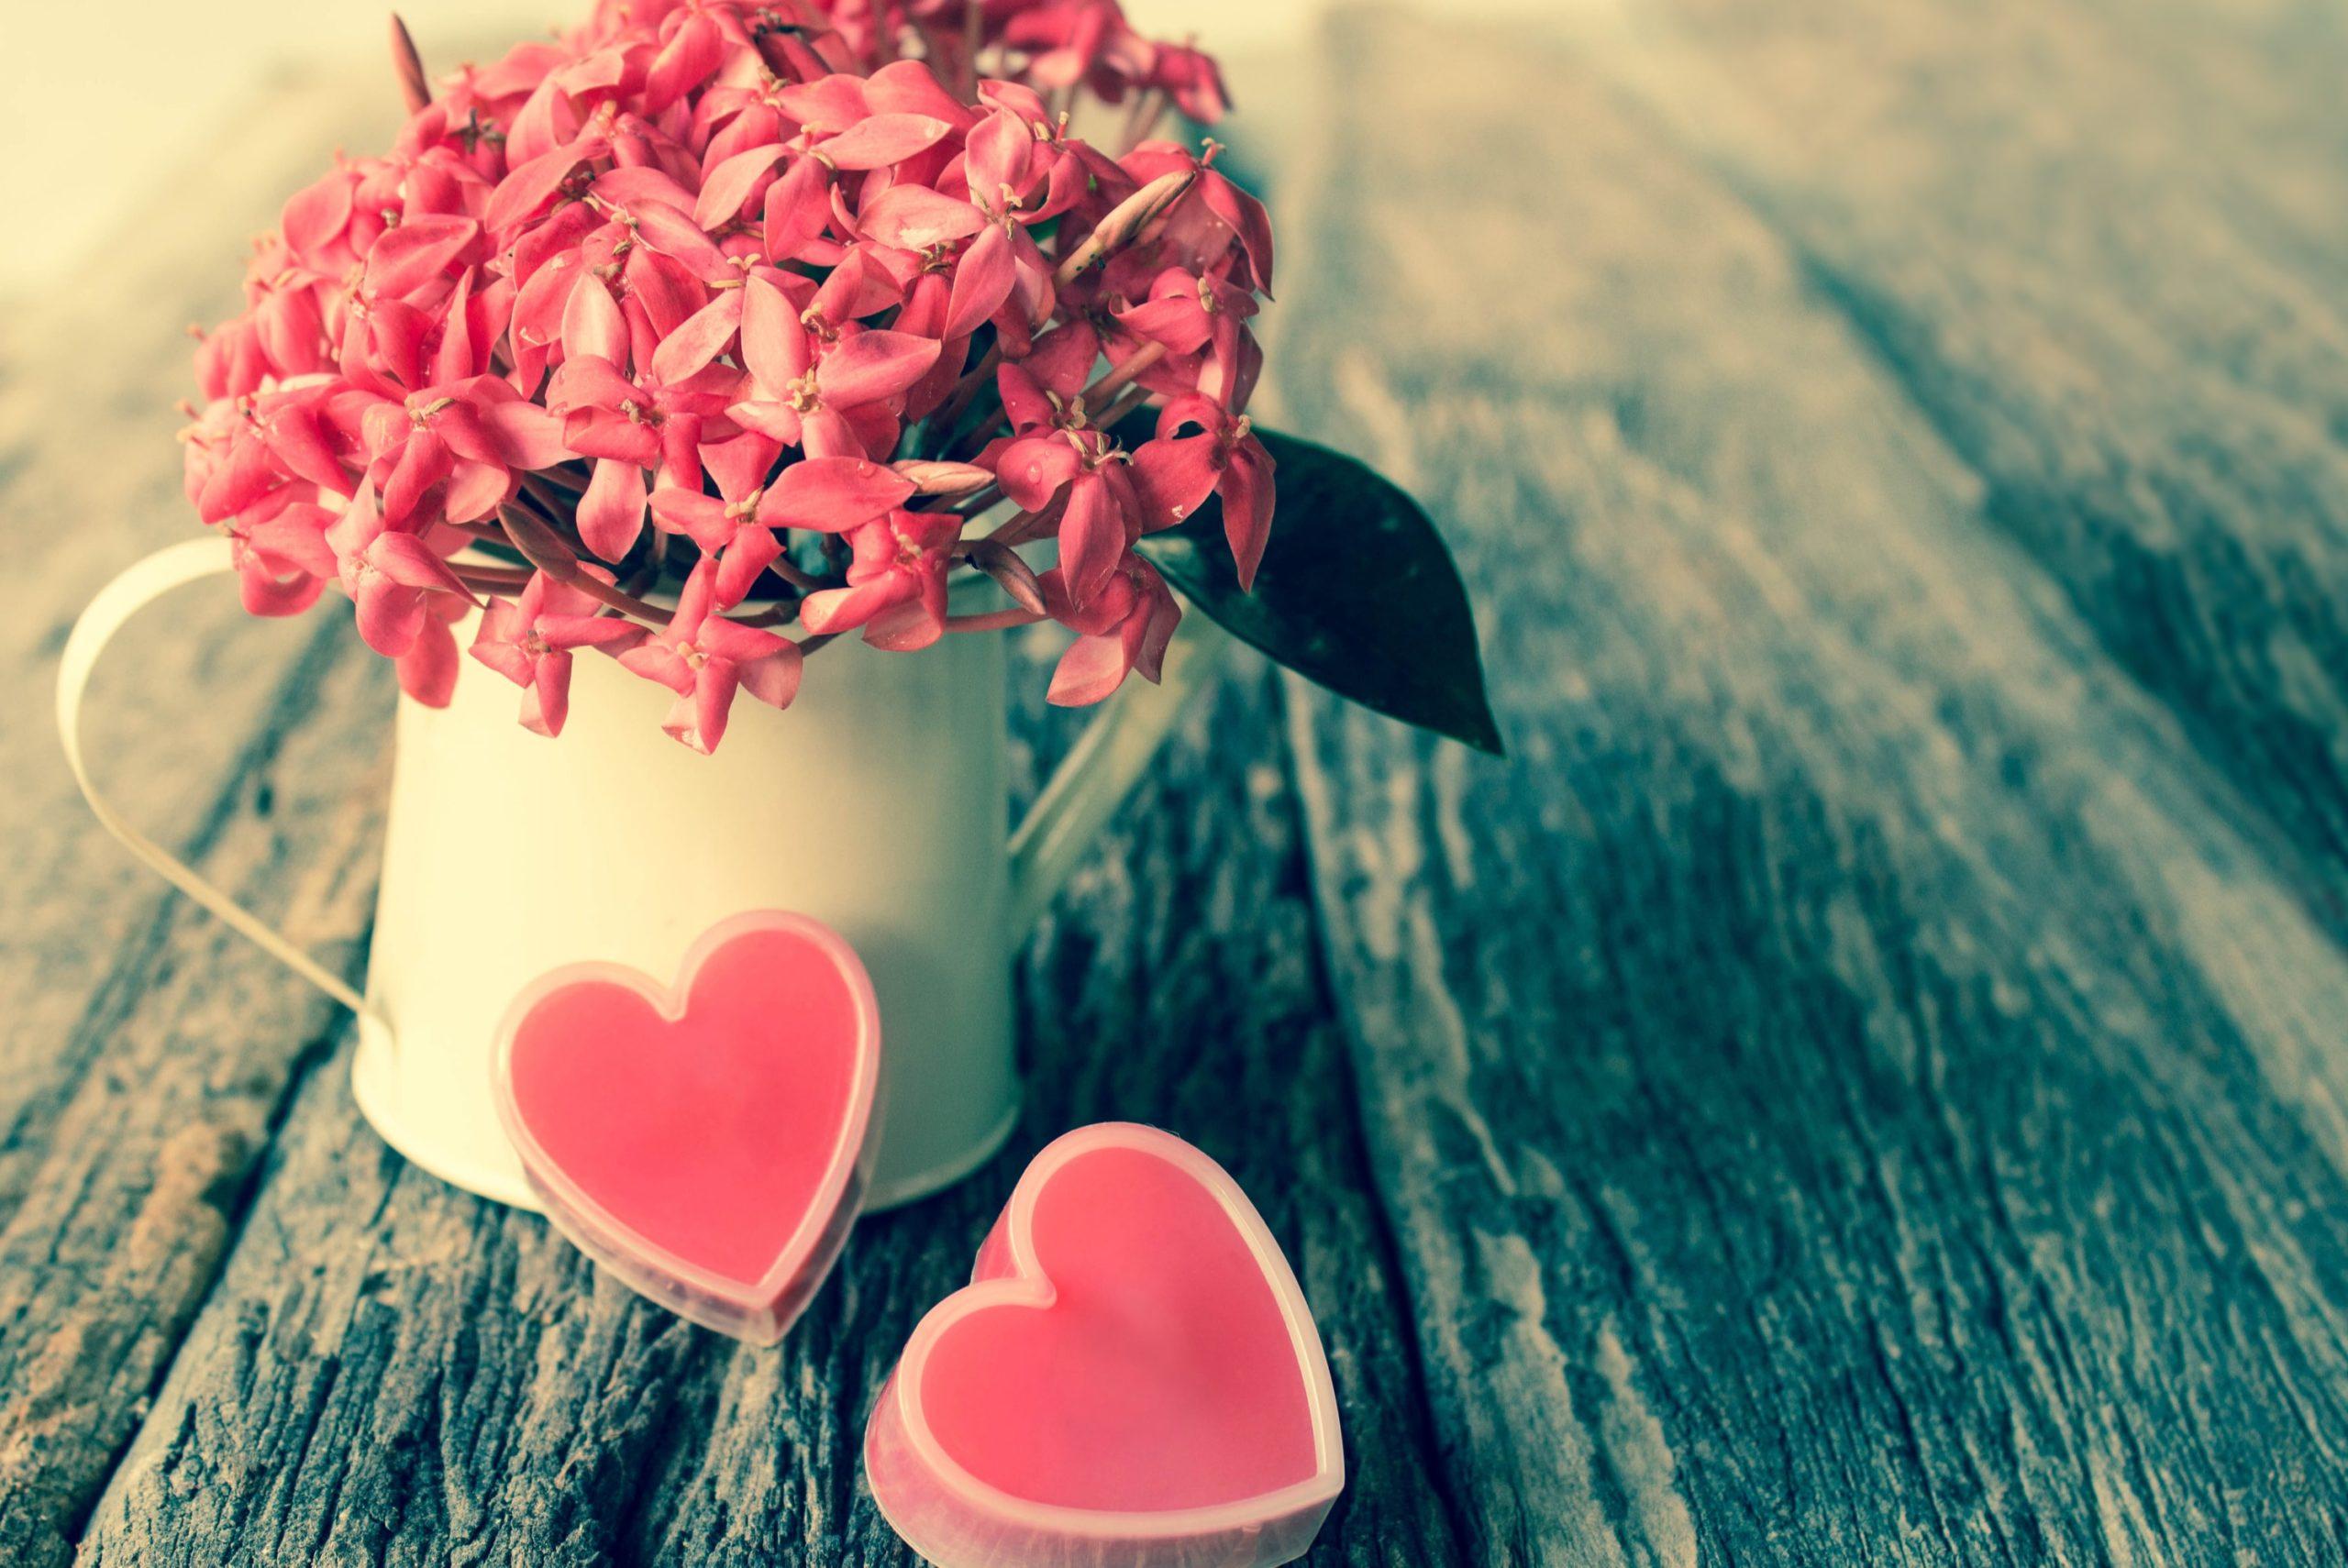 San Valentino: L'amore è Nell'aria?